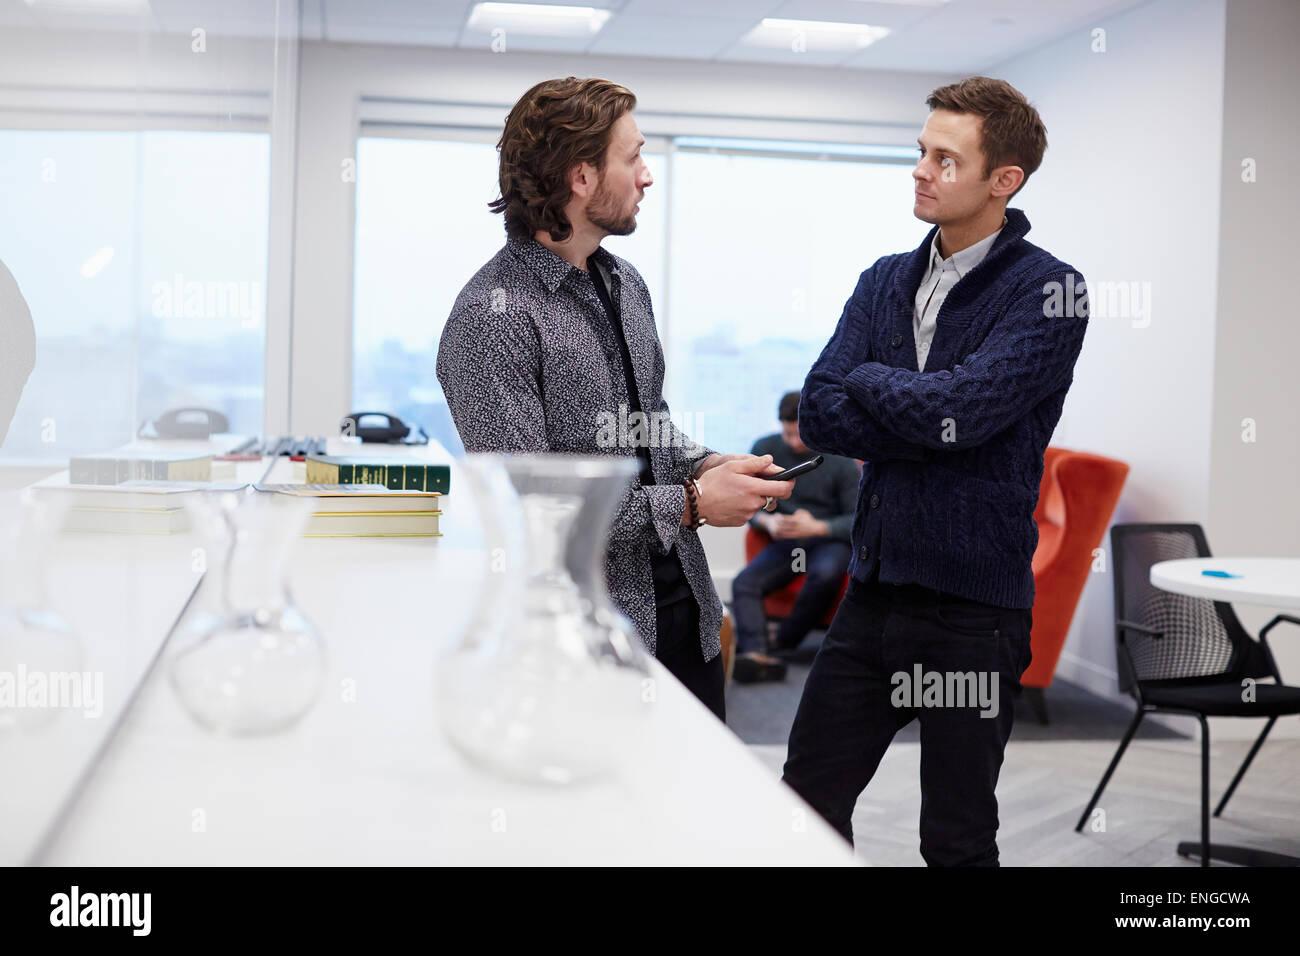 Zwei Männer in einem Büro stehen und reden, mit verschränkten Armen. Stockfoto